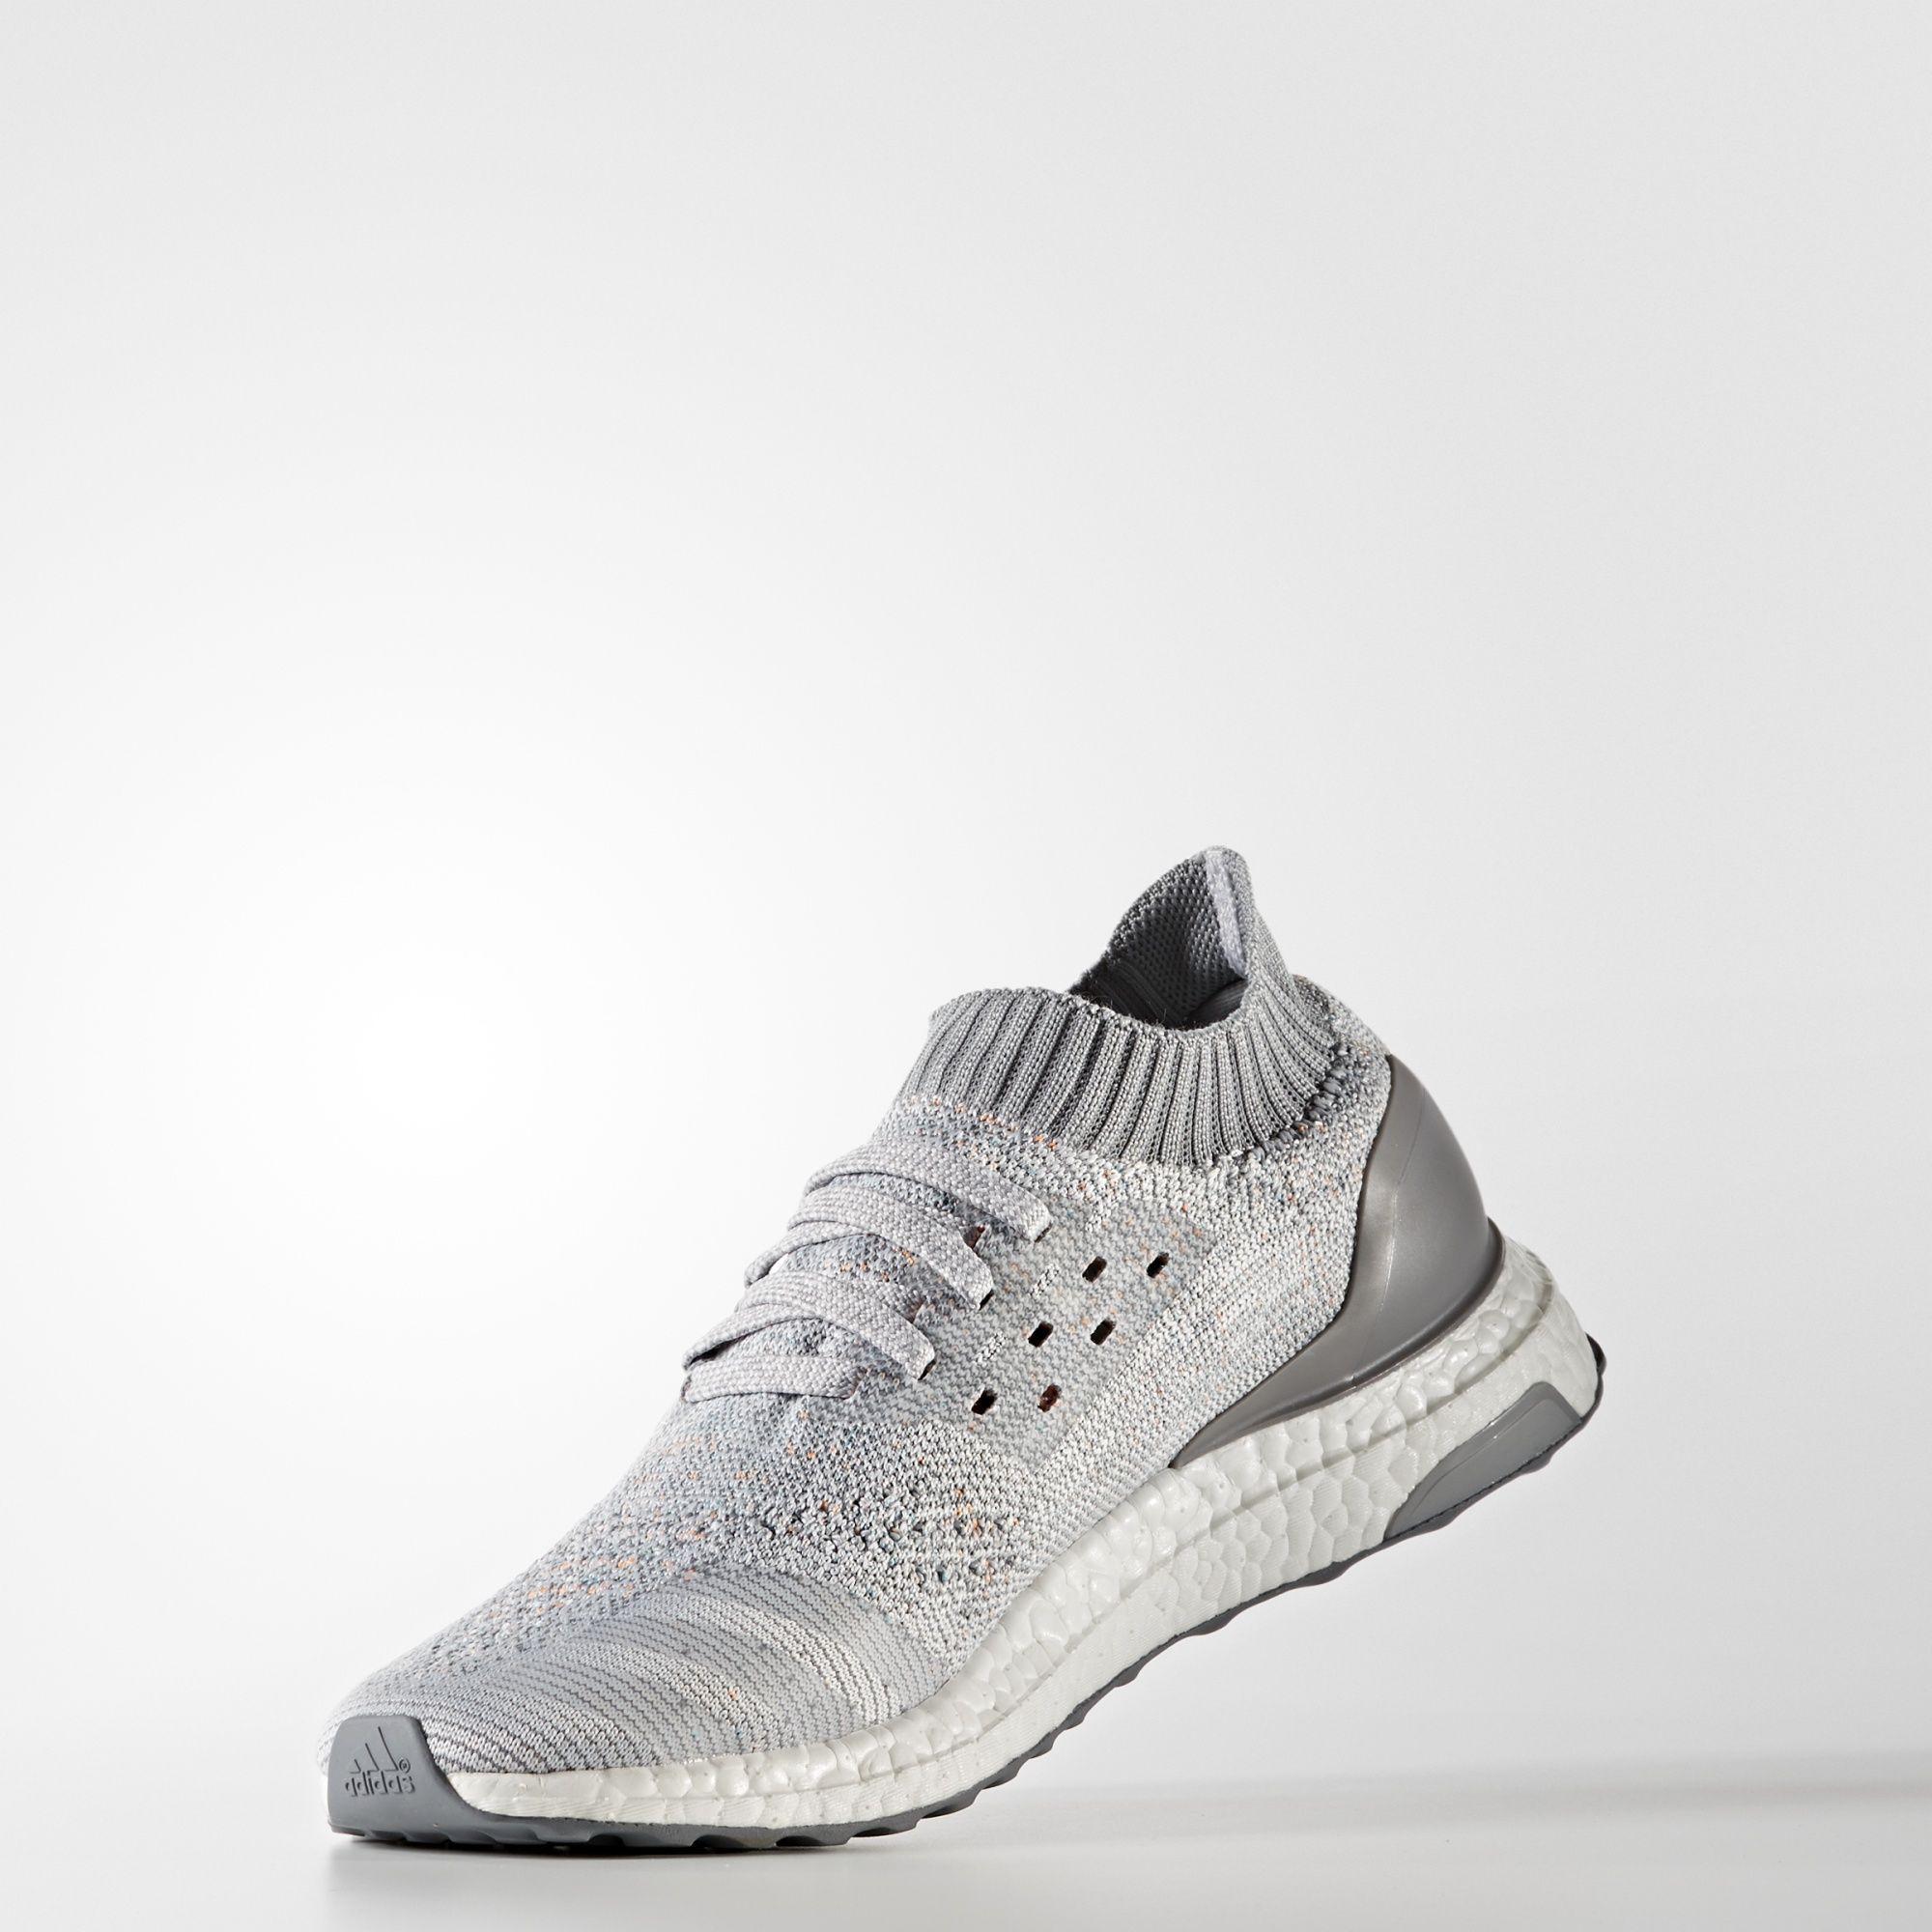 adidas ultra spinta fece uscire le scarpe chiaro grigio / grigio / grigio medio bb4489